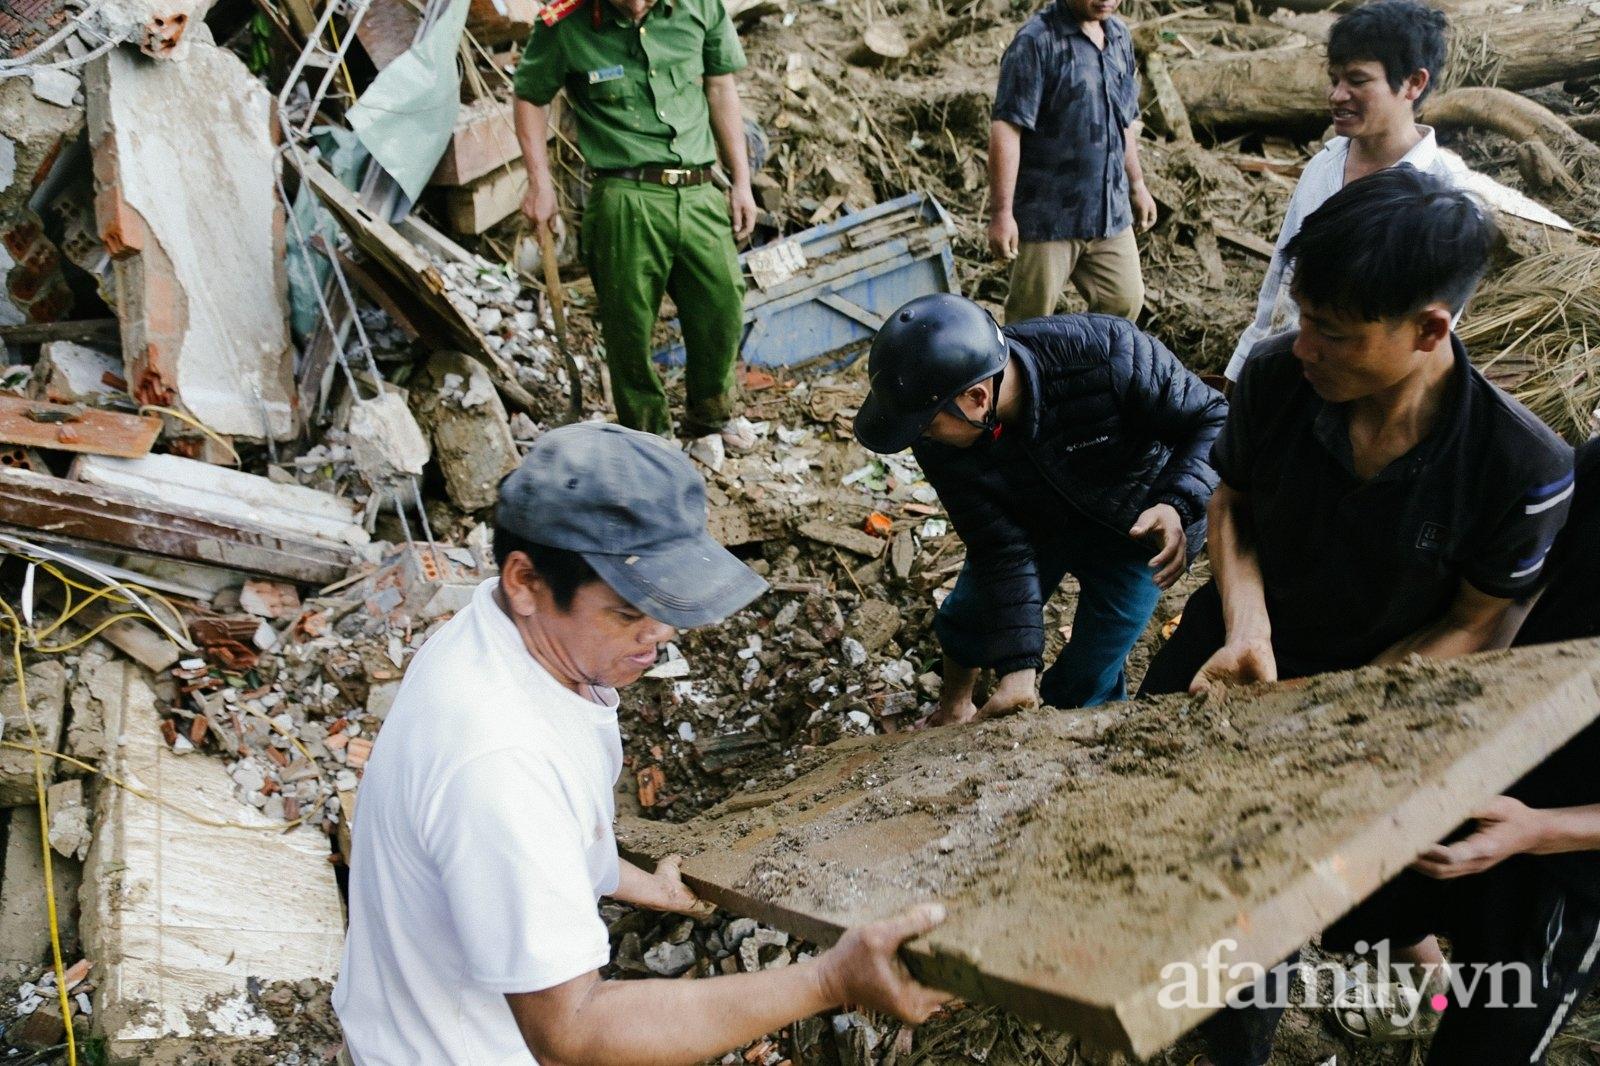 """CẬN CẢNH: Quả đồi bị """"xé toạc"""" làm đôi và nước mắt người Quảng Nam dưới lớp đất đá tại hiện trường vụ sạt lở kinh hoàng - Ảnh 6."""